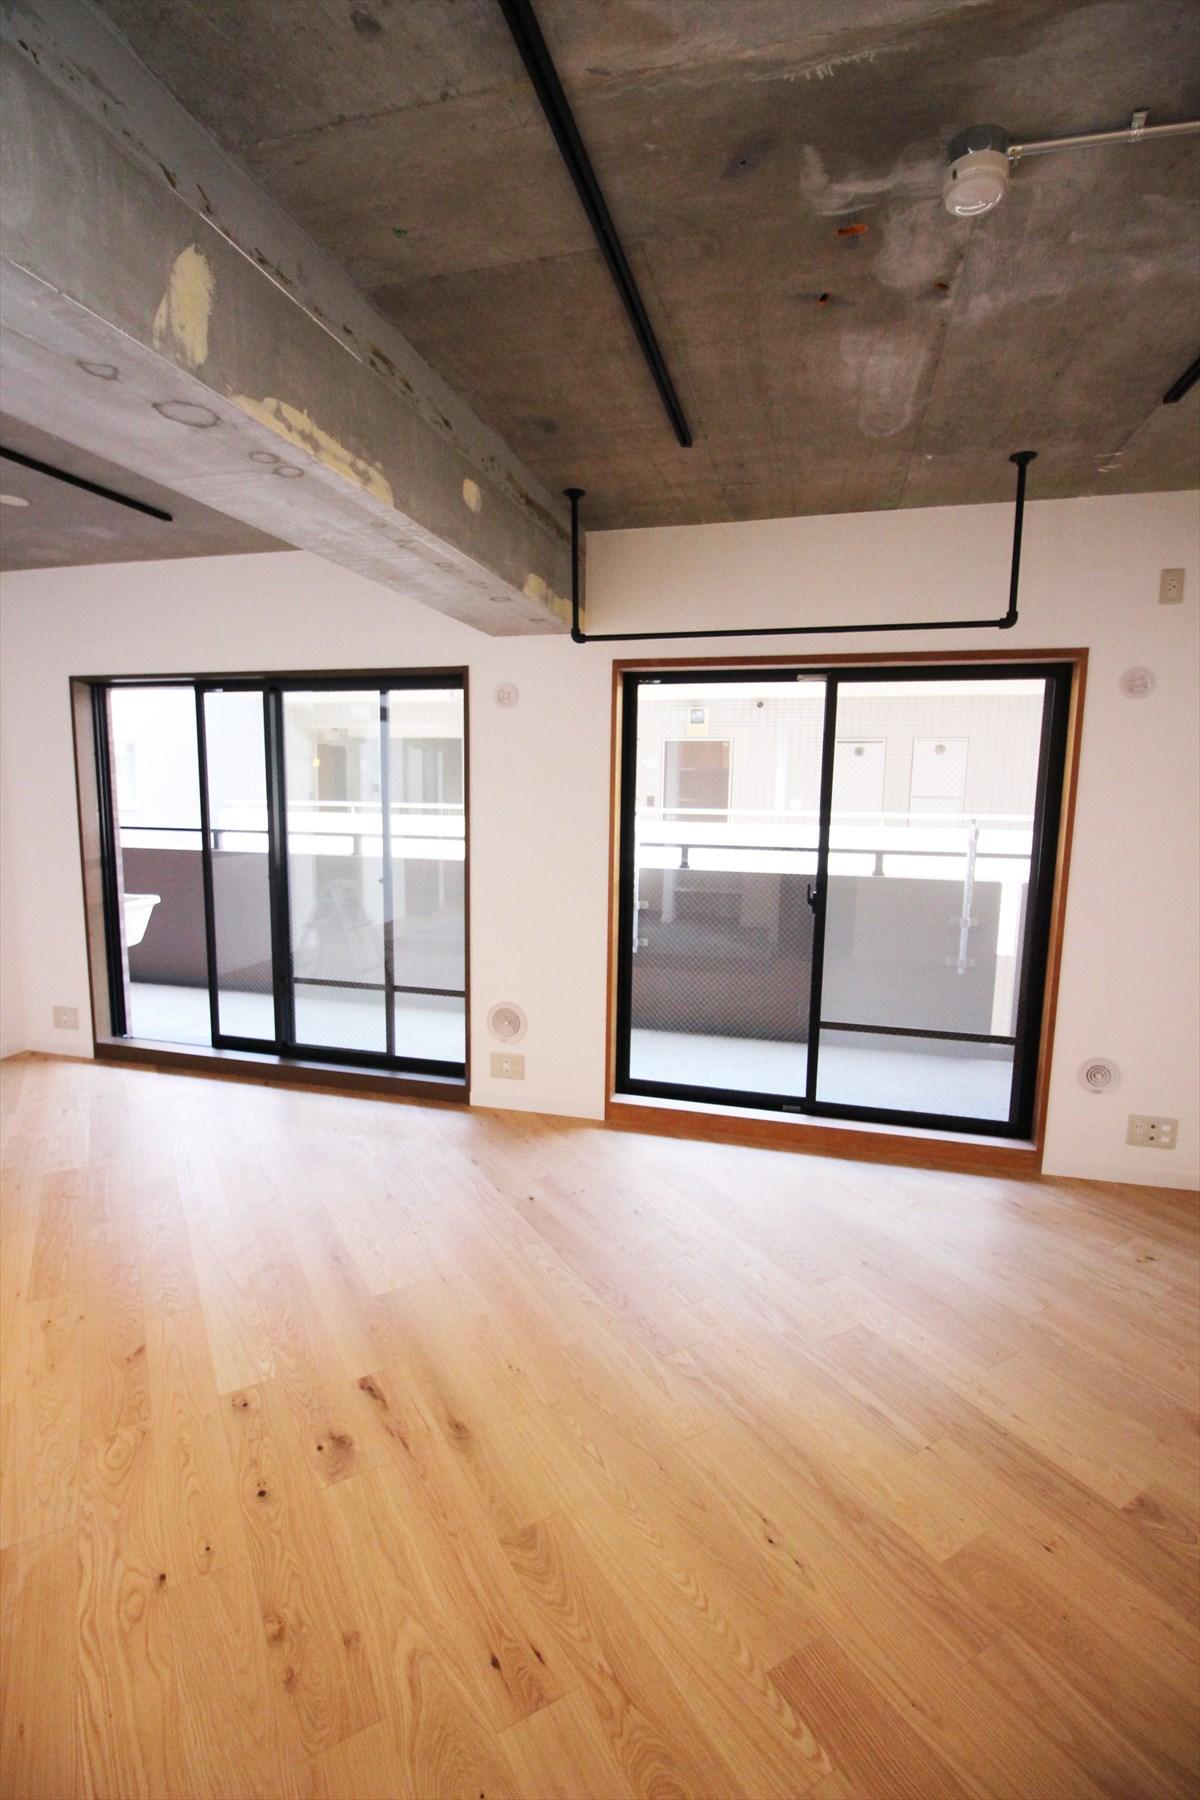 モルタル天井のインダストリアルと斜めデザインの木の床|横浜リノベーション